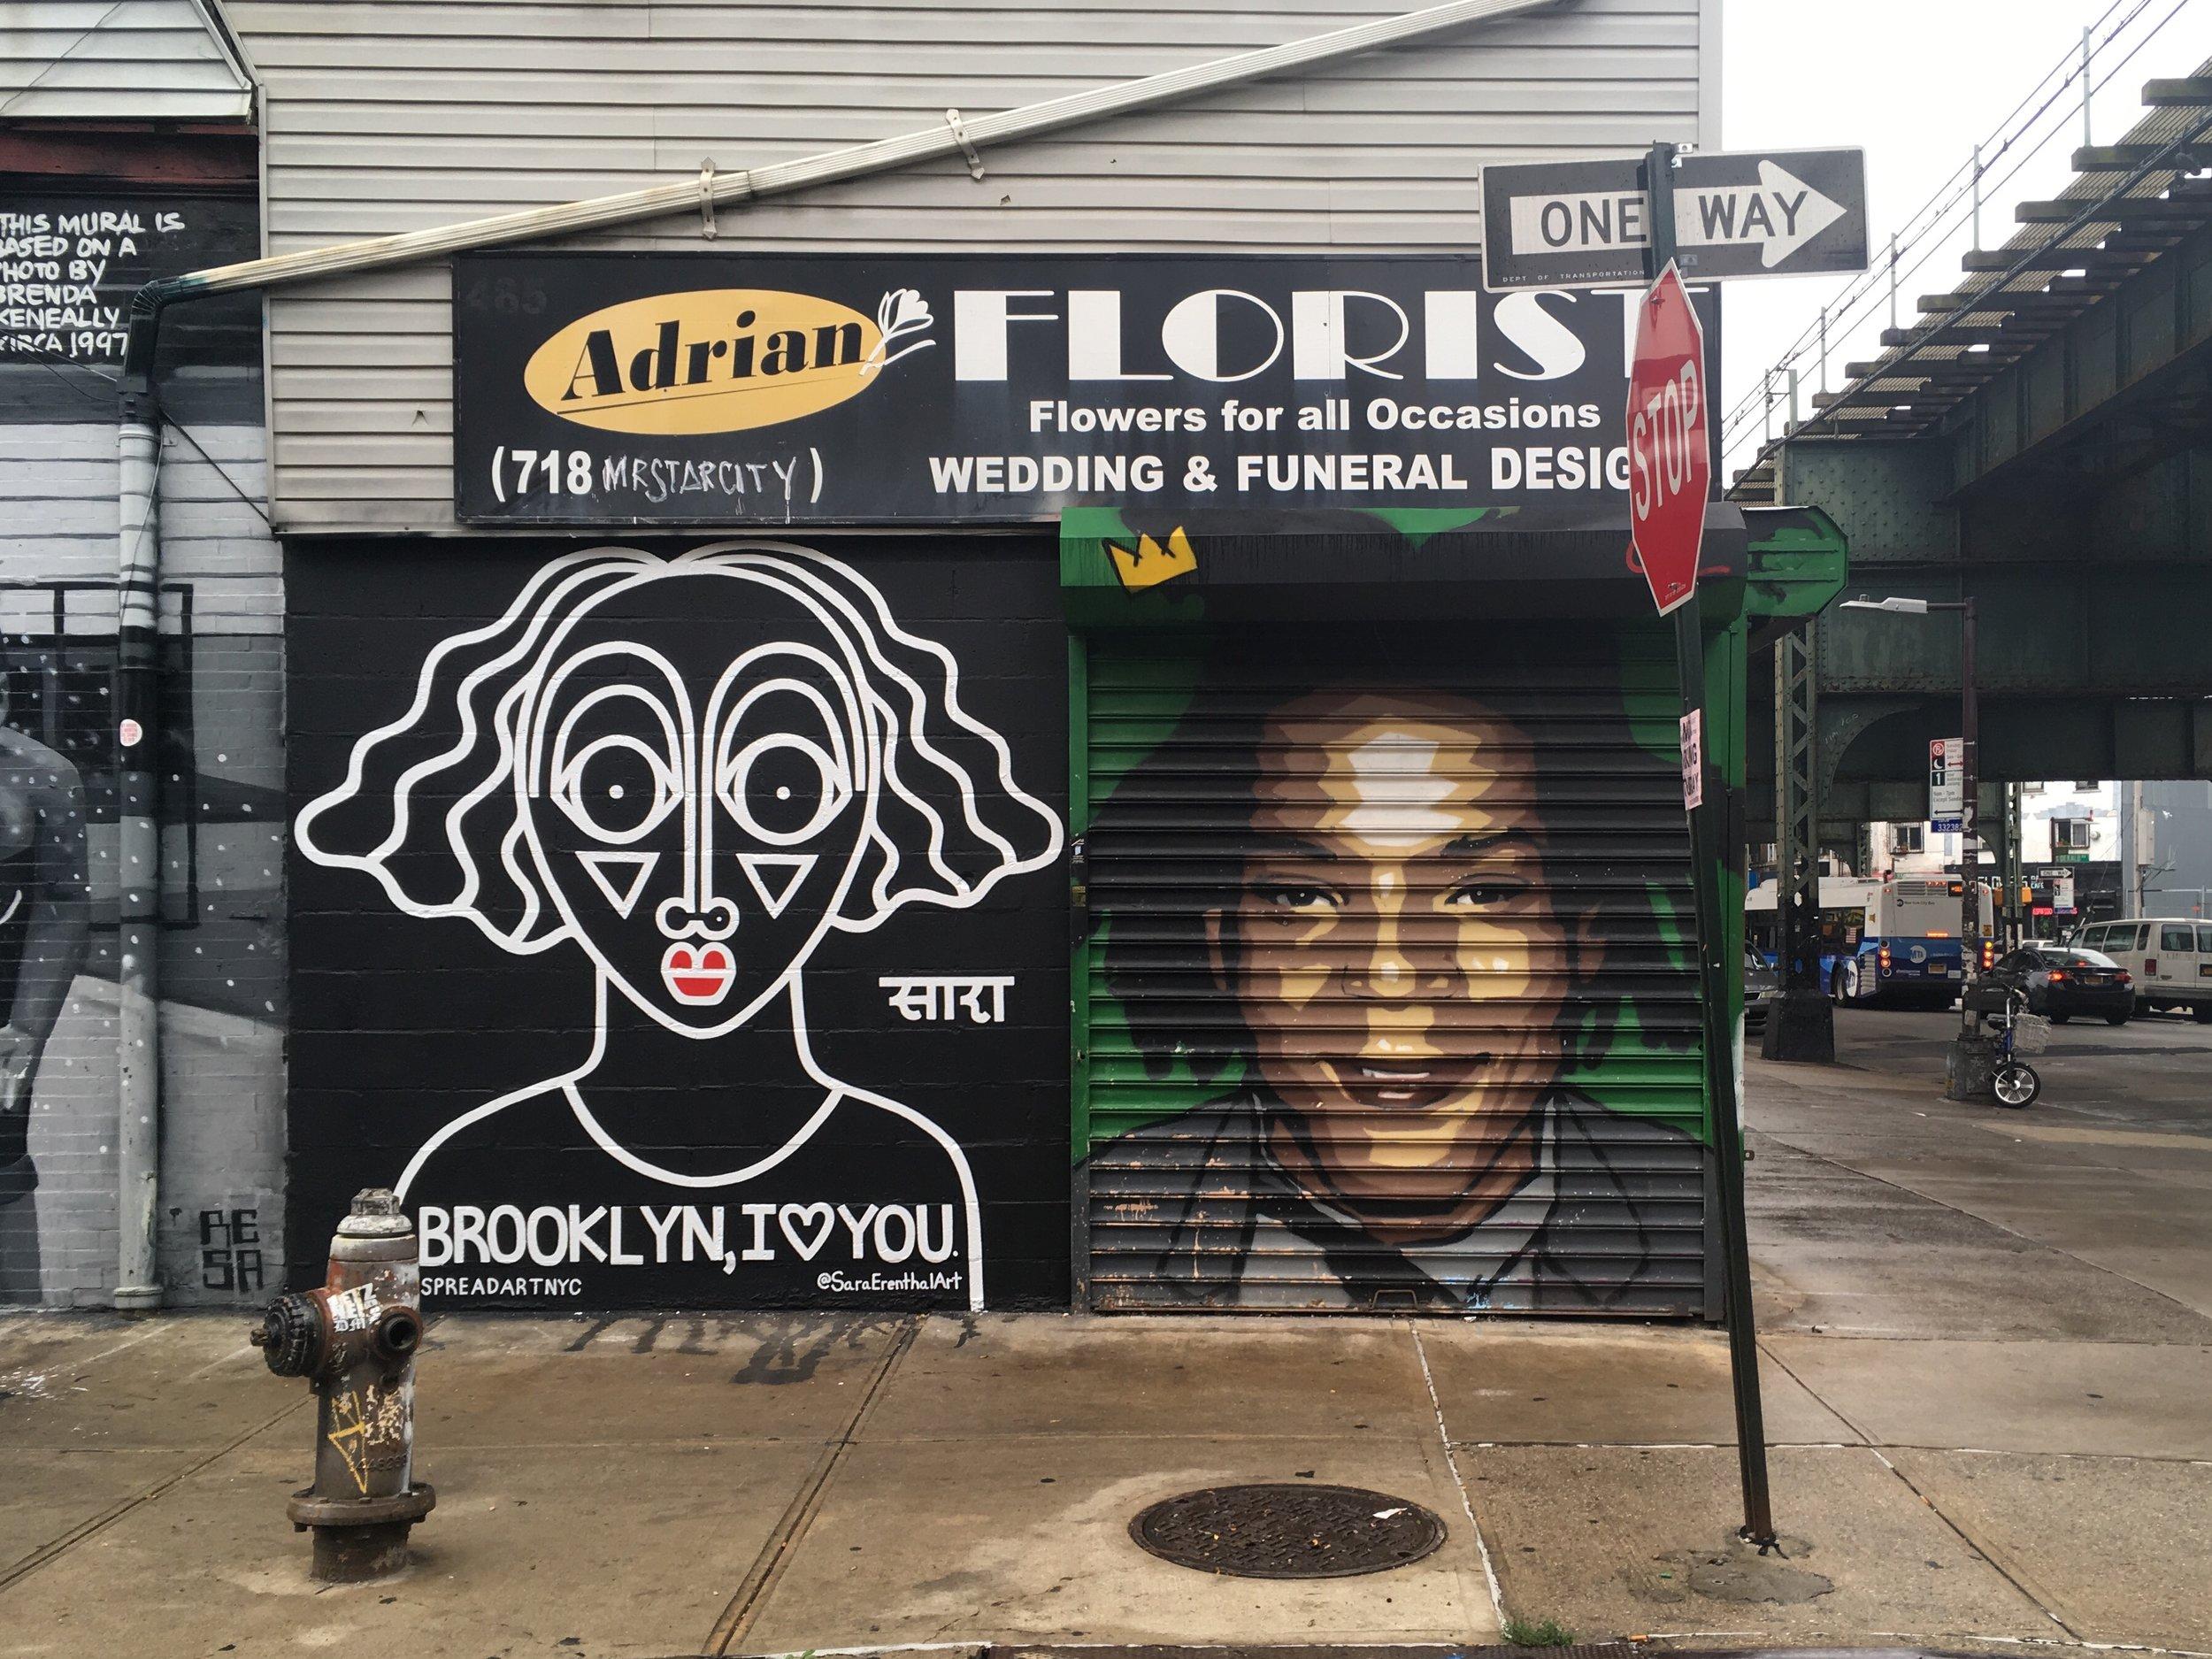 Brooklyn, I Love You.